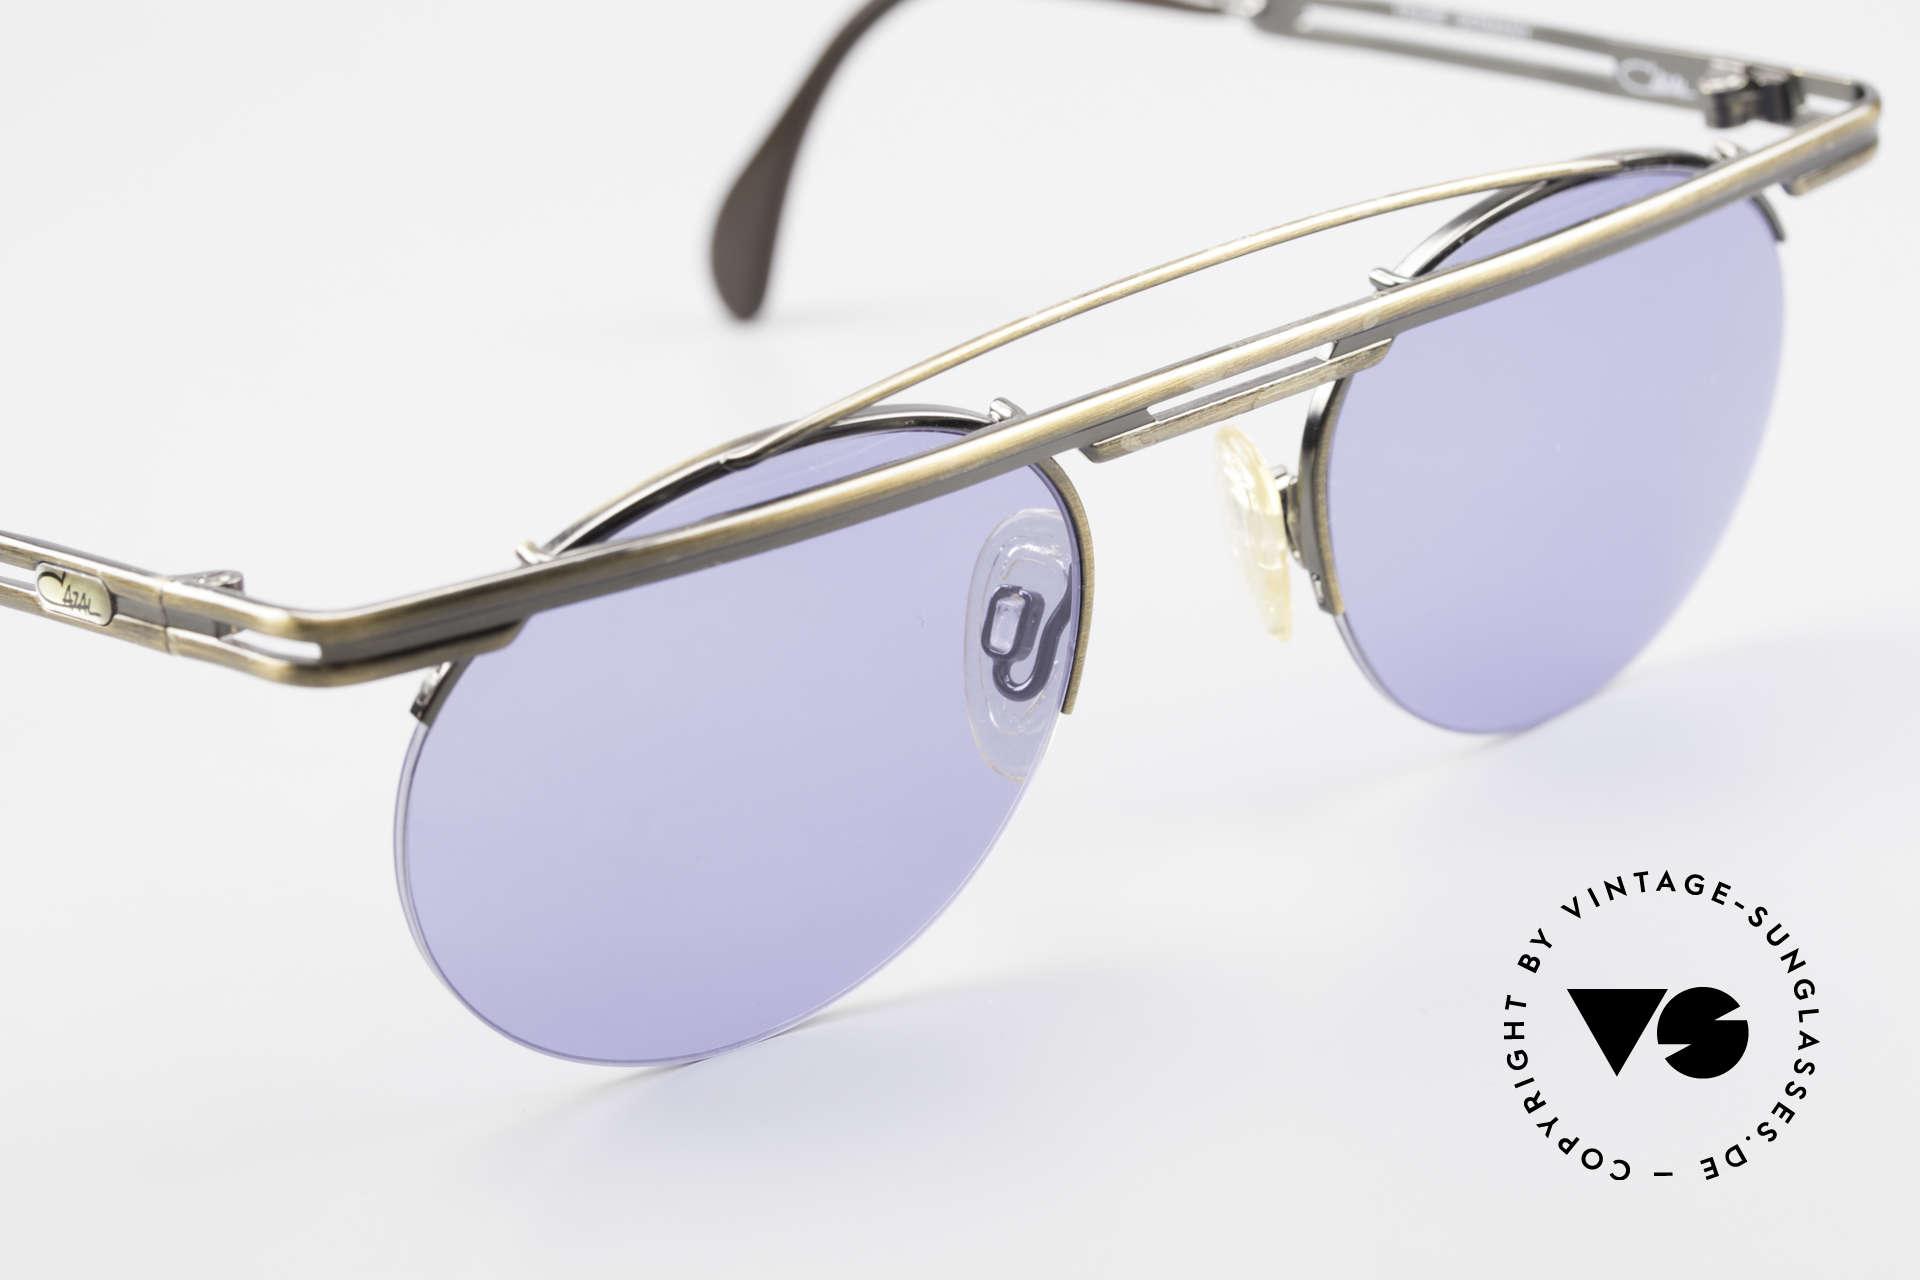 Cazal 748 Alte 90er Vintage Sonnenbrille, ungetragen (wie alle unsere VINTAGE CAZAL Brillen), Passend für Herren und Damen